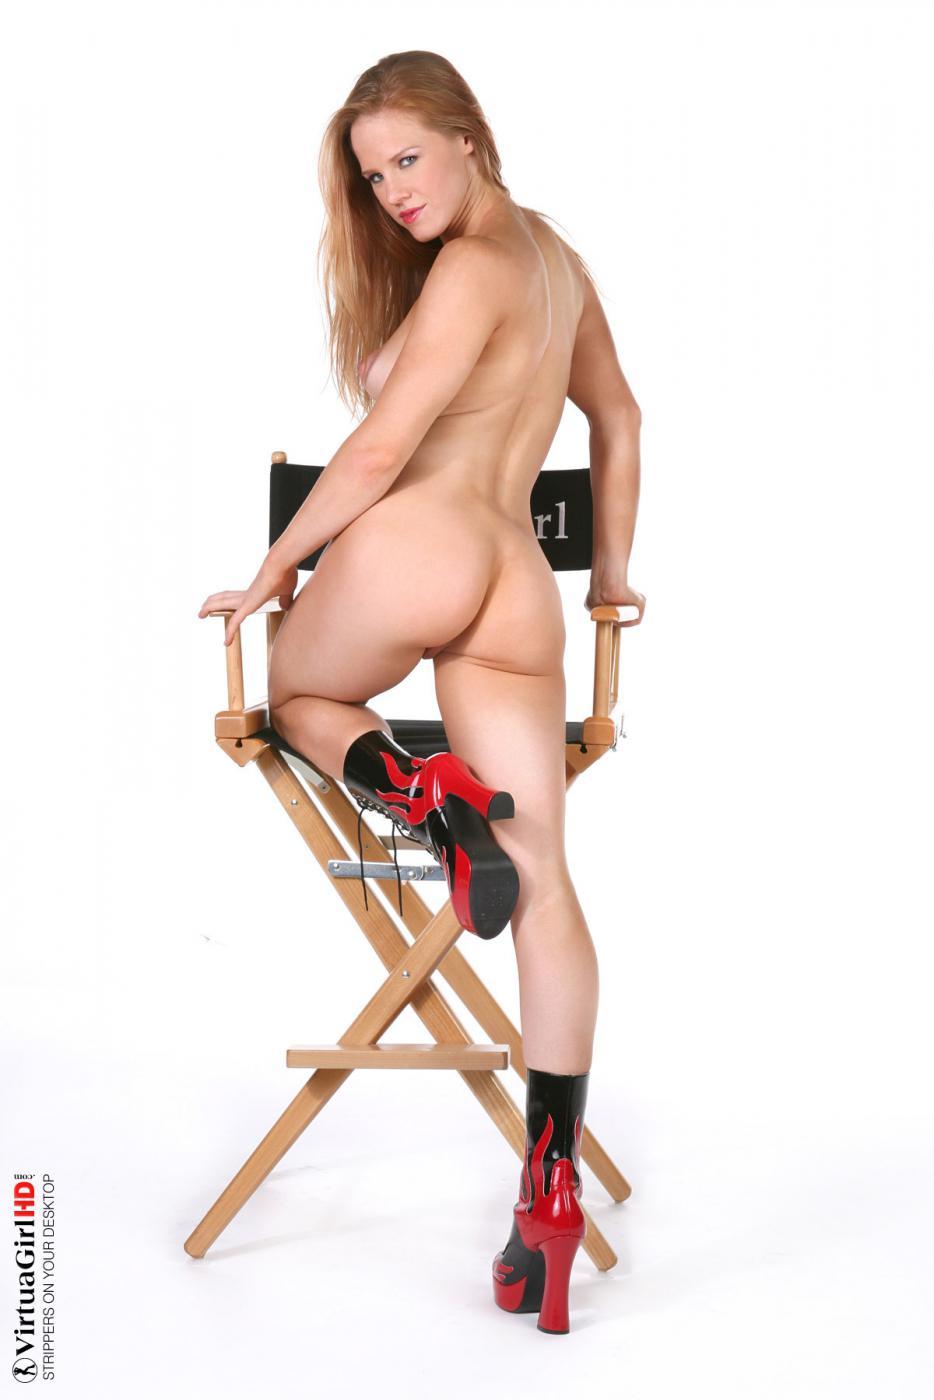 Похотливая сиськастая Suzie Q обнажает тело в красивом белье и обнаженной